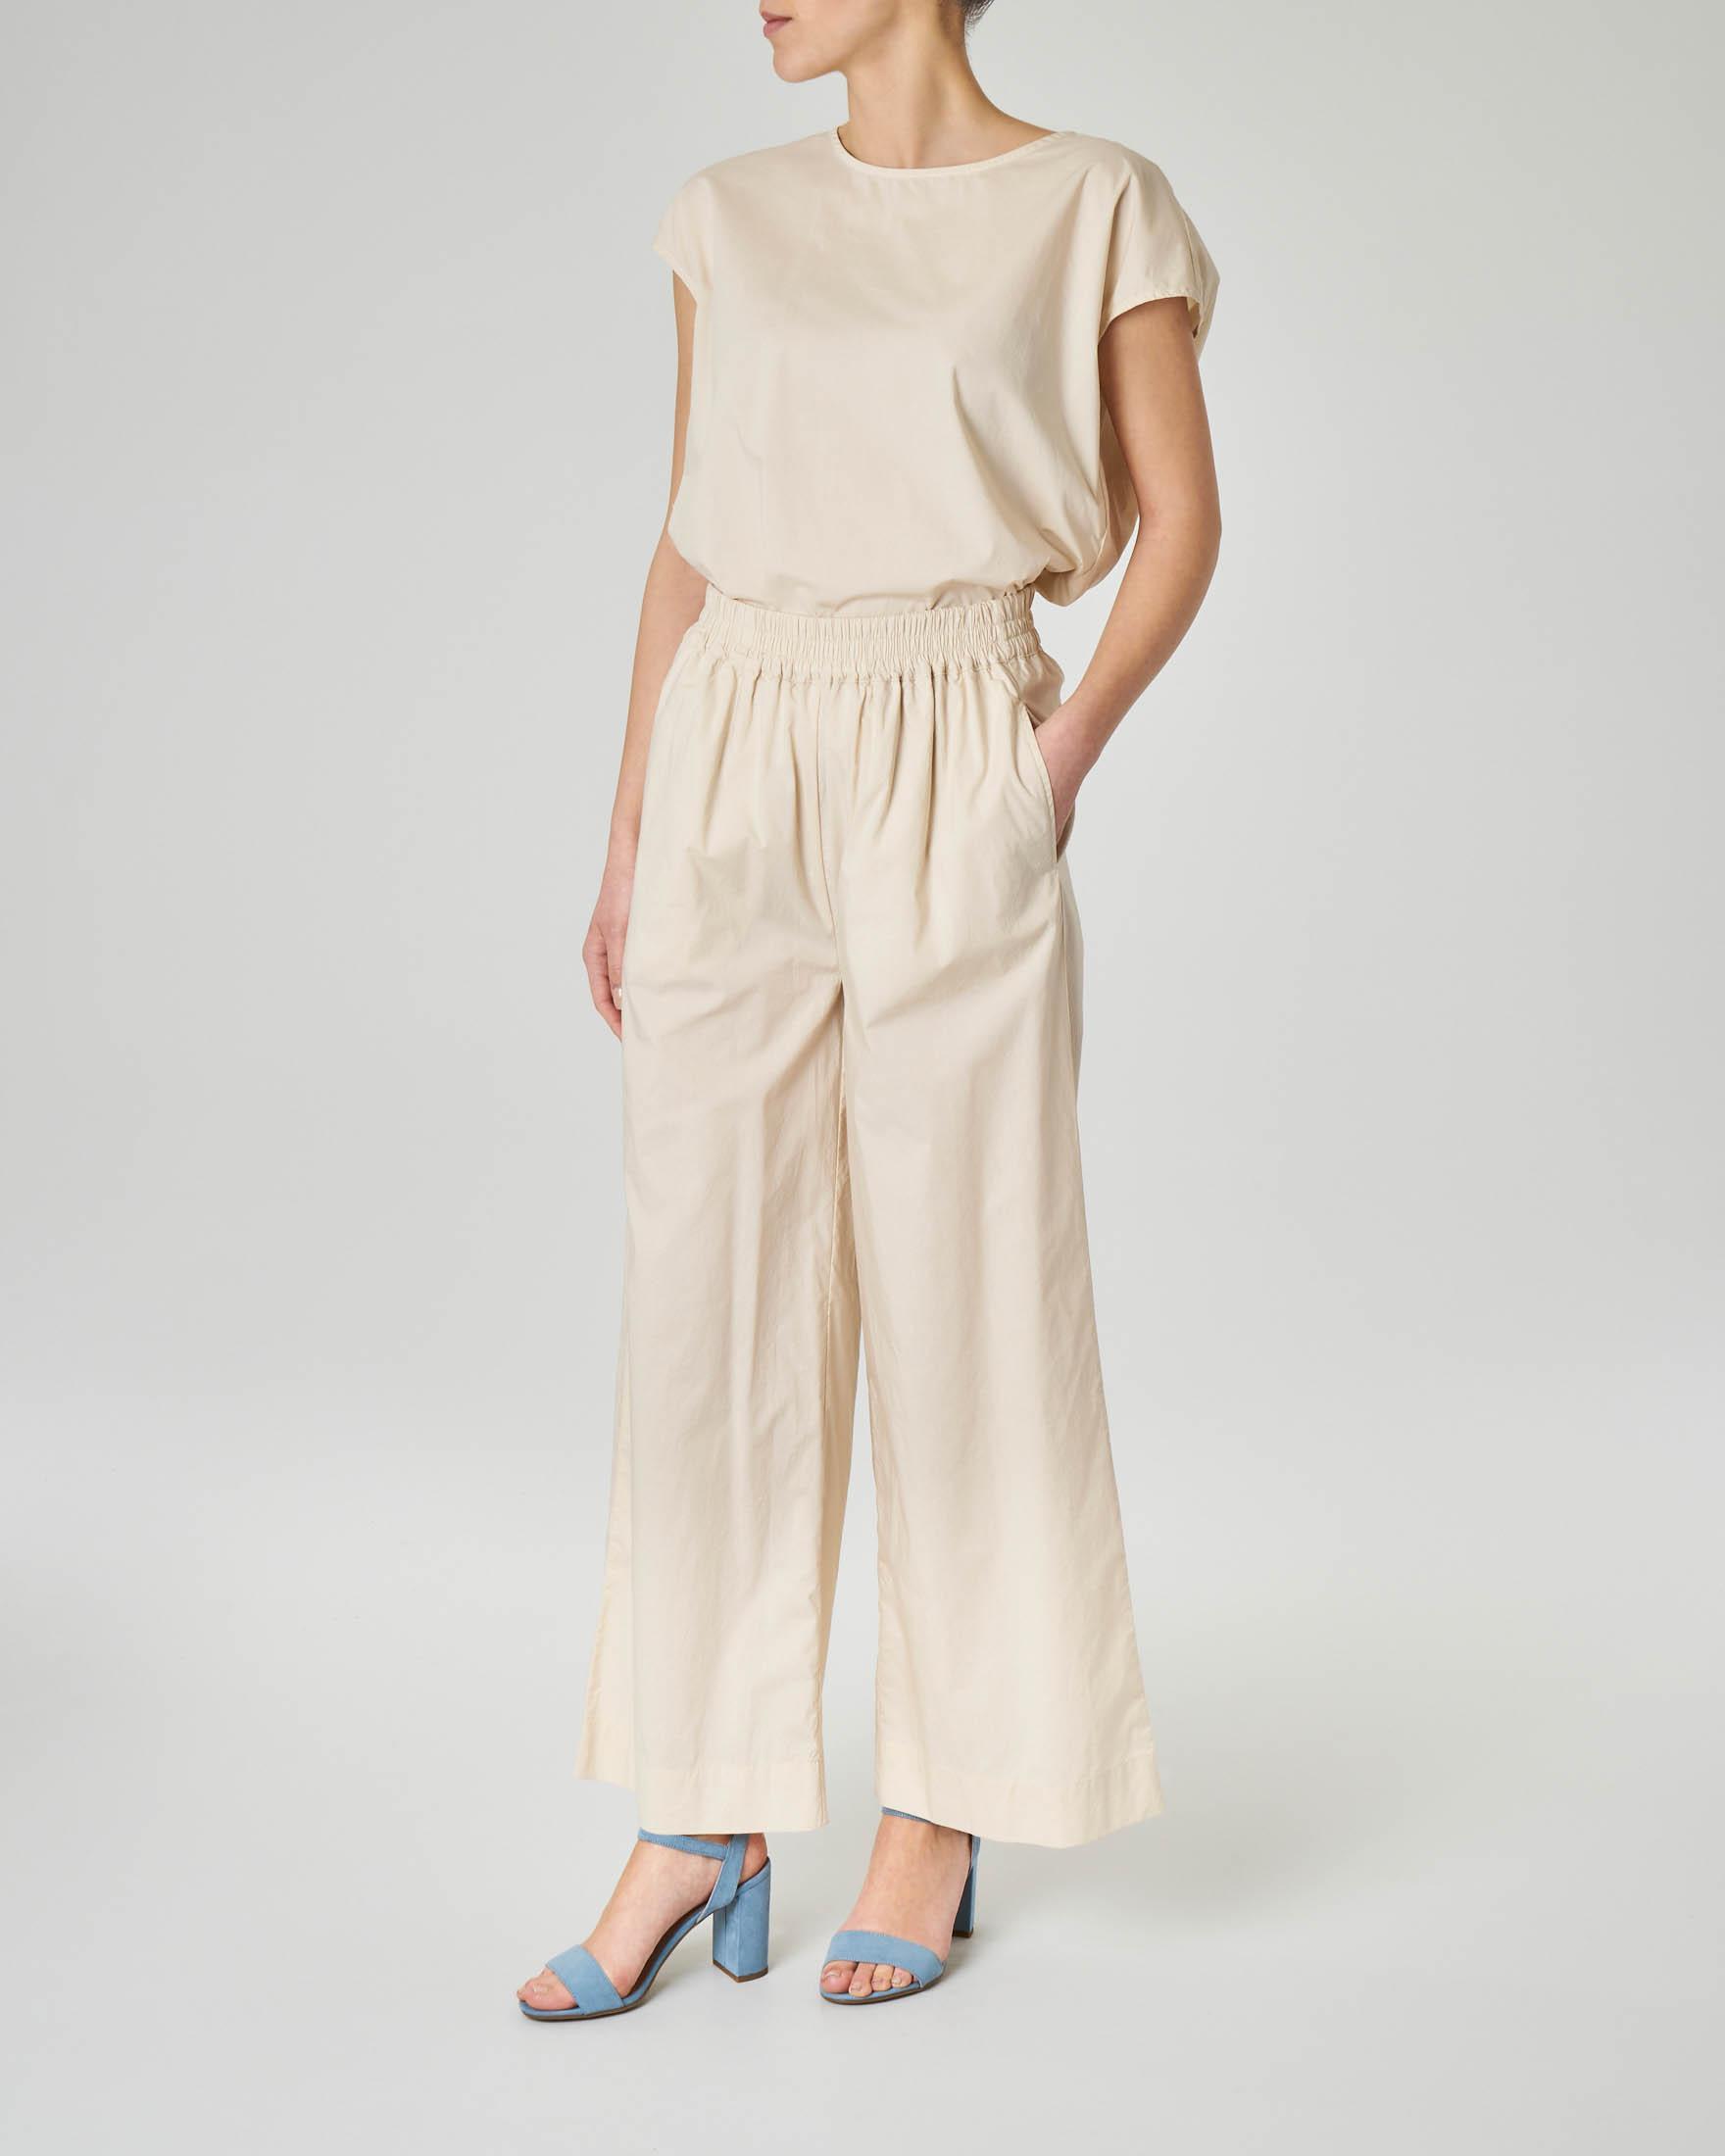 Pantalone palazzo beige in cotone con elastico in vita